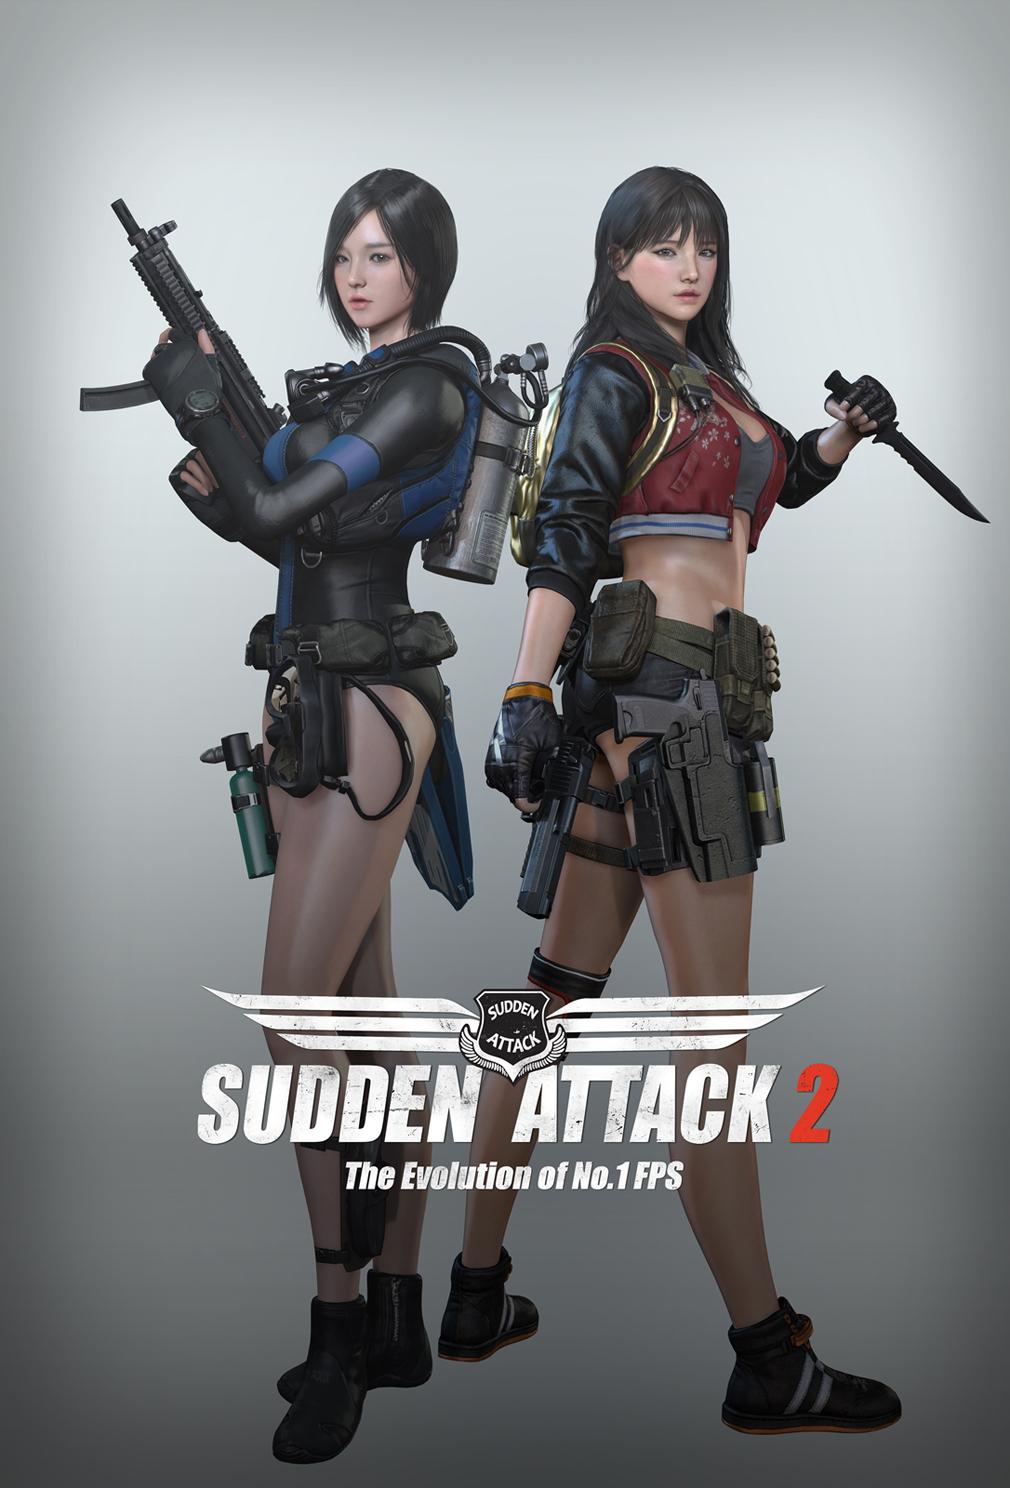 SA2(サドンアタック2 SUDDEN ATTACK2) 削除された女性キャラクター